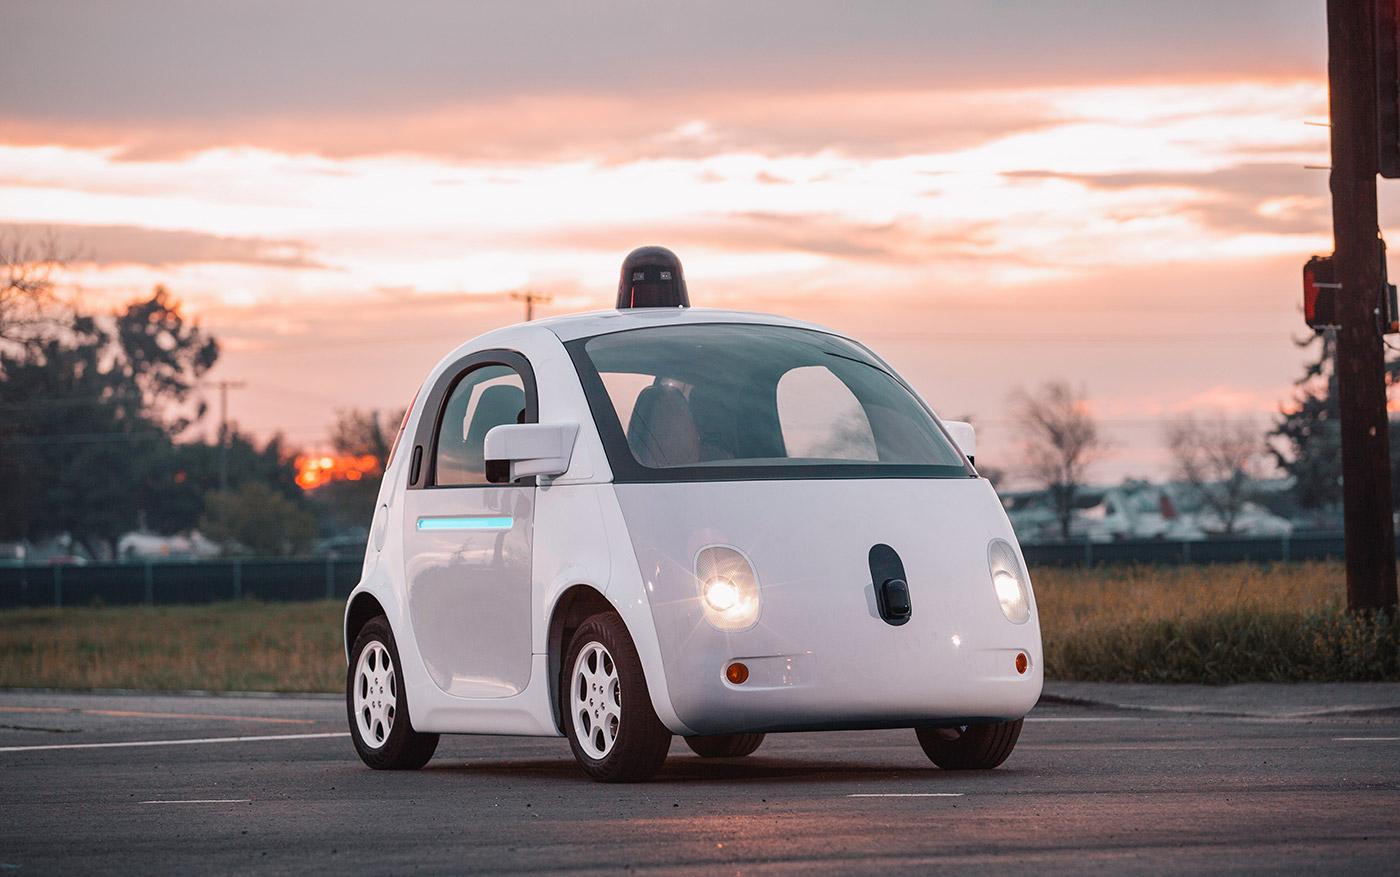 Автомобили Google проходят 5 млн километров в день в виртуальной среде